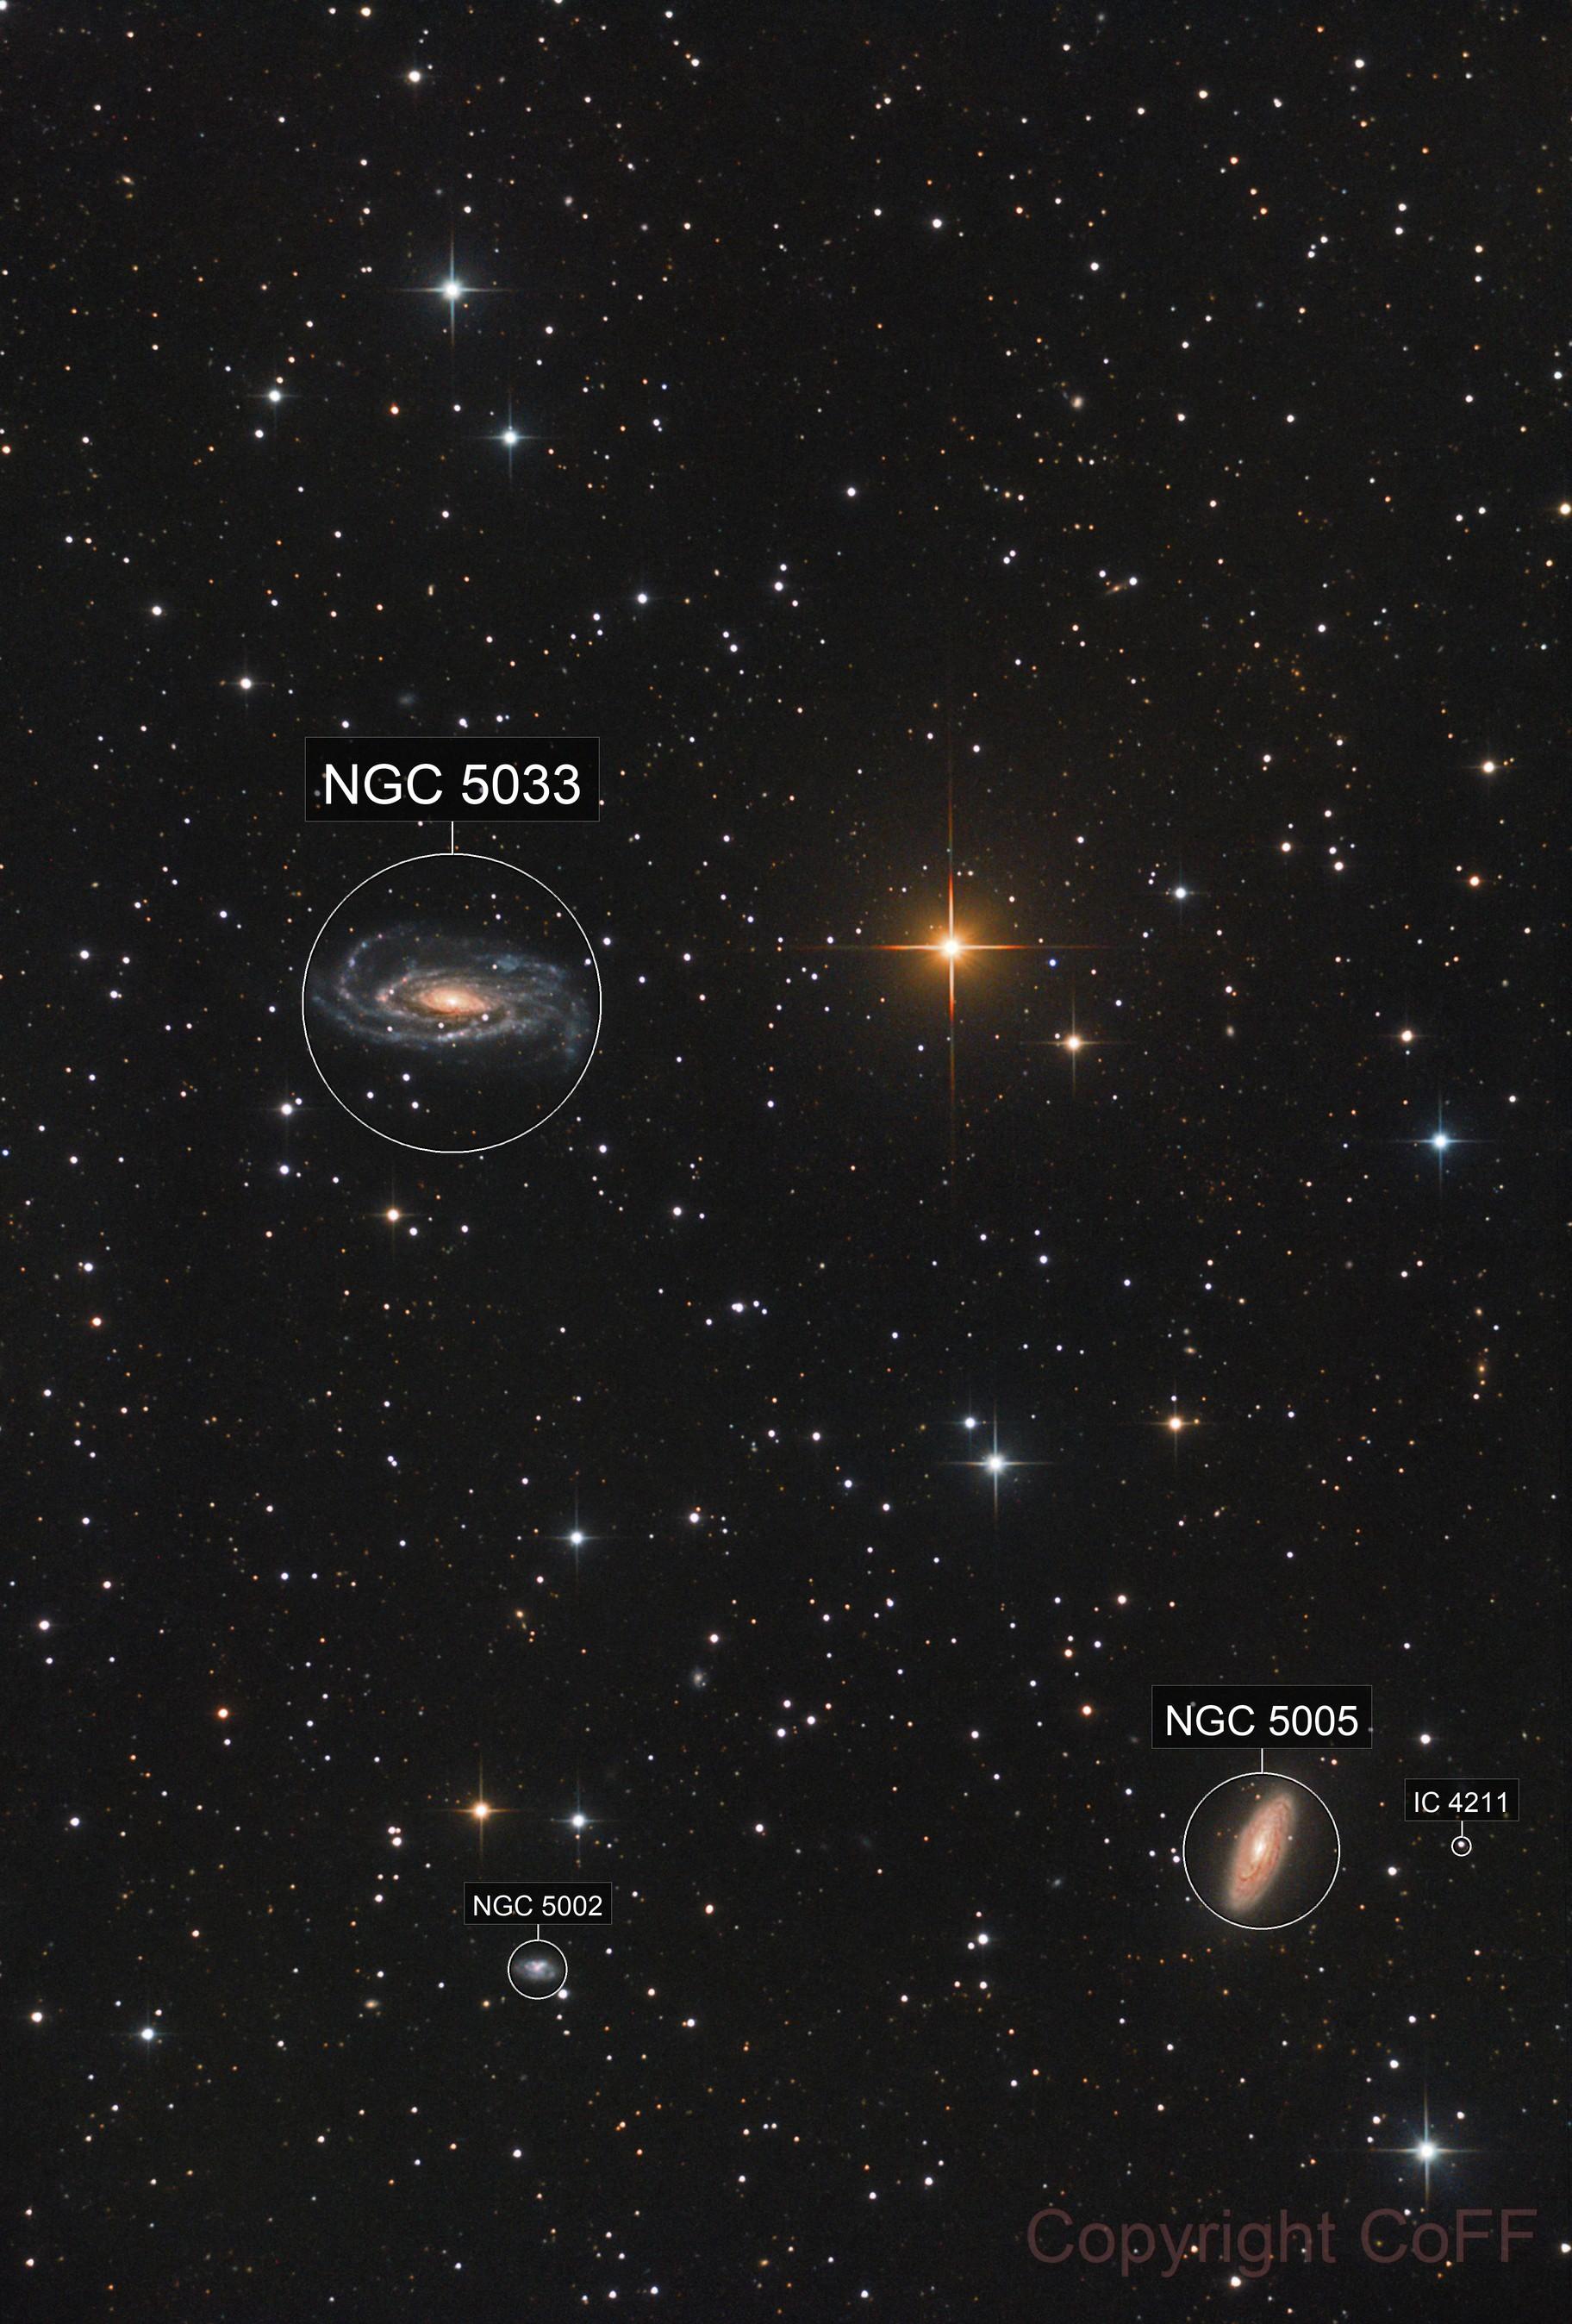 NGC5033